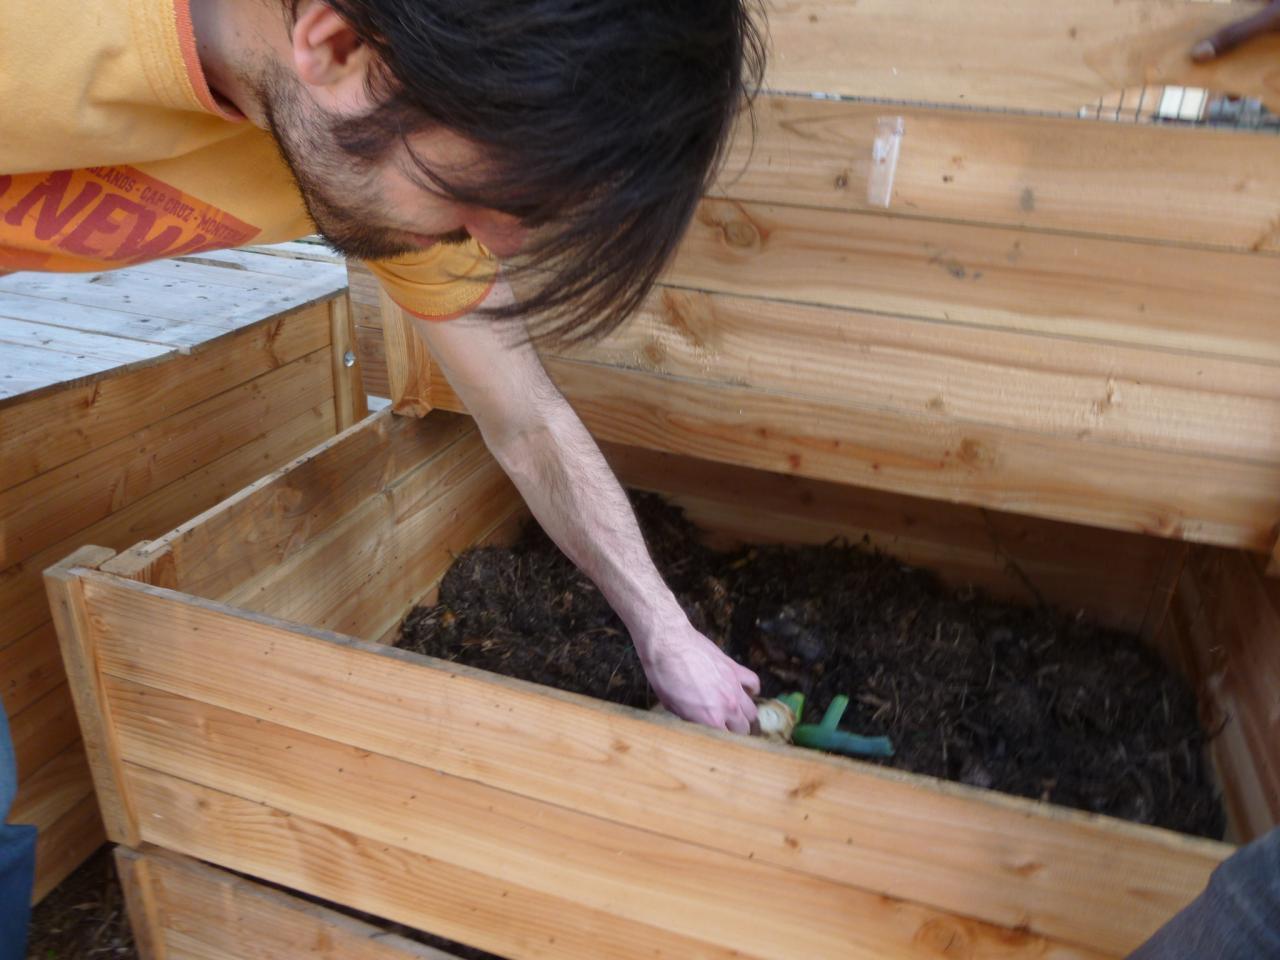 Un curieux met la mqin dans le compost'